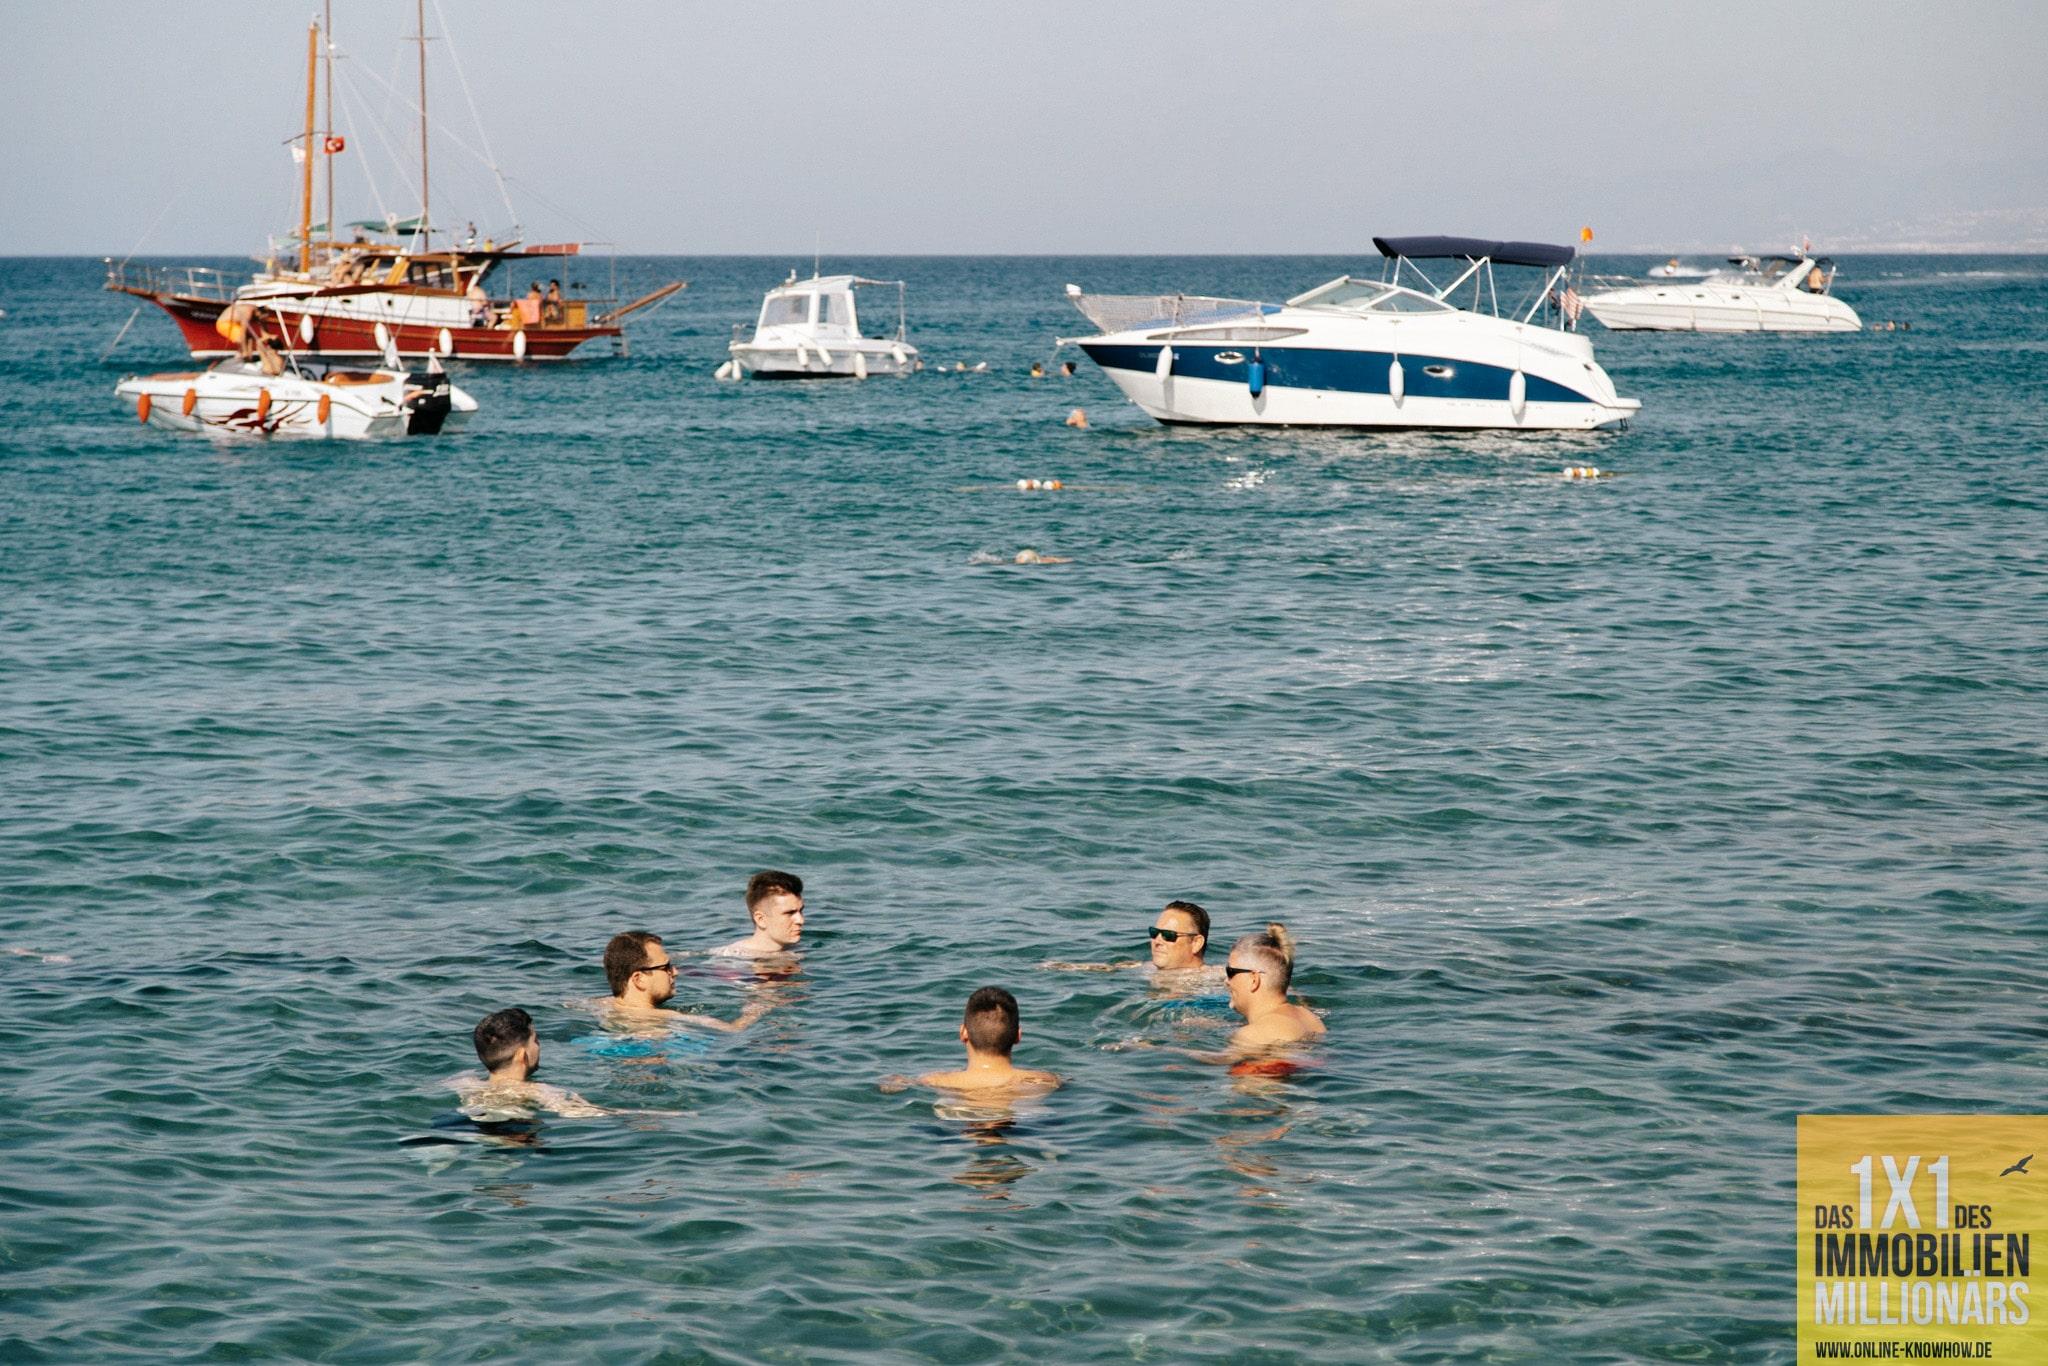 3. Zypern Seminar Reise by Dr. Florian Roski